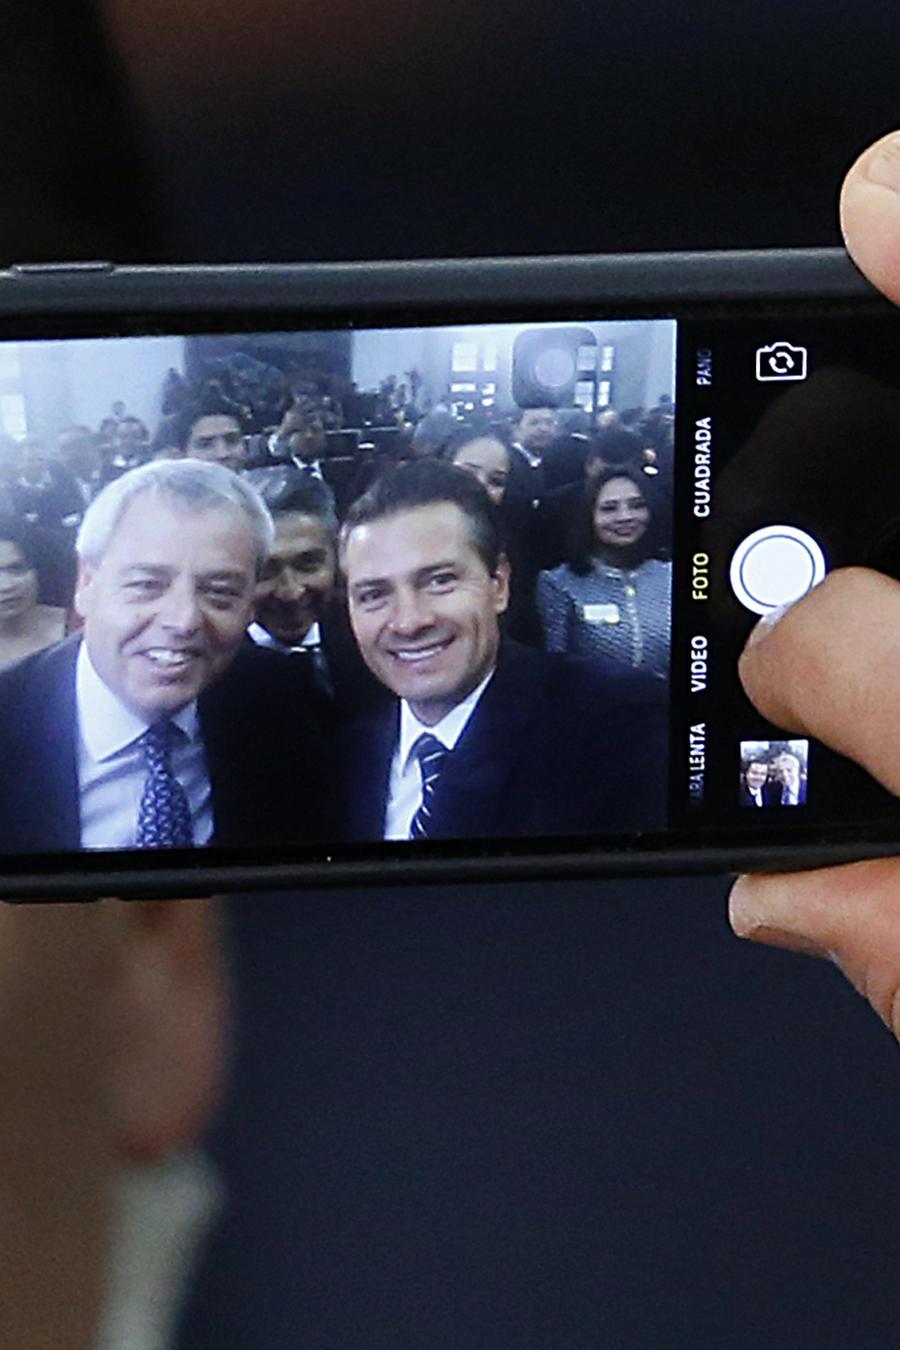 En esta foto de archivo aparece el presidente de México, Enrique Peña Nieto a la derecha, acompañado del director de Pemex, René Curiel en un teléfono.